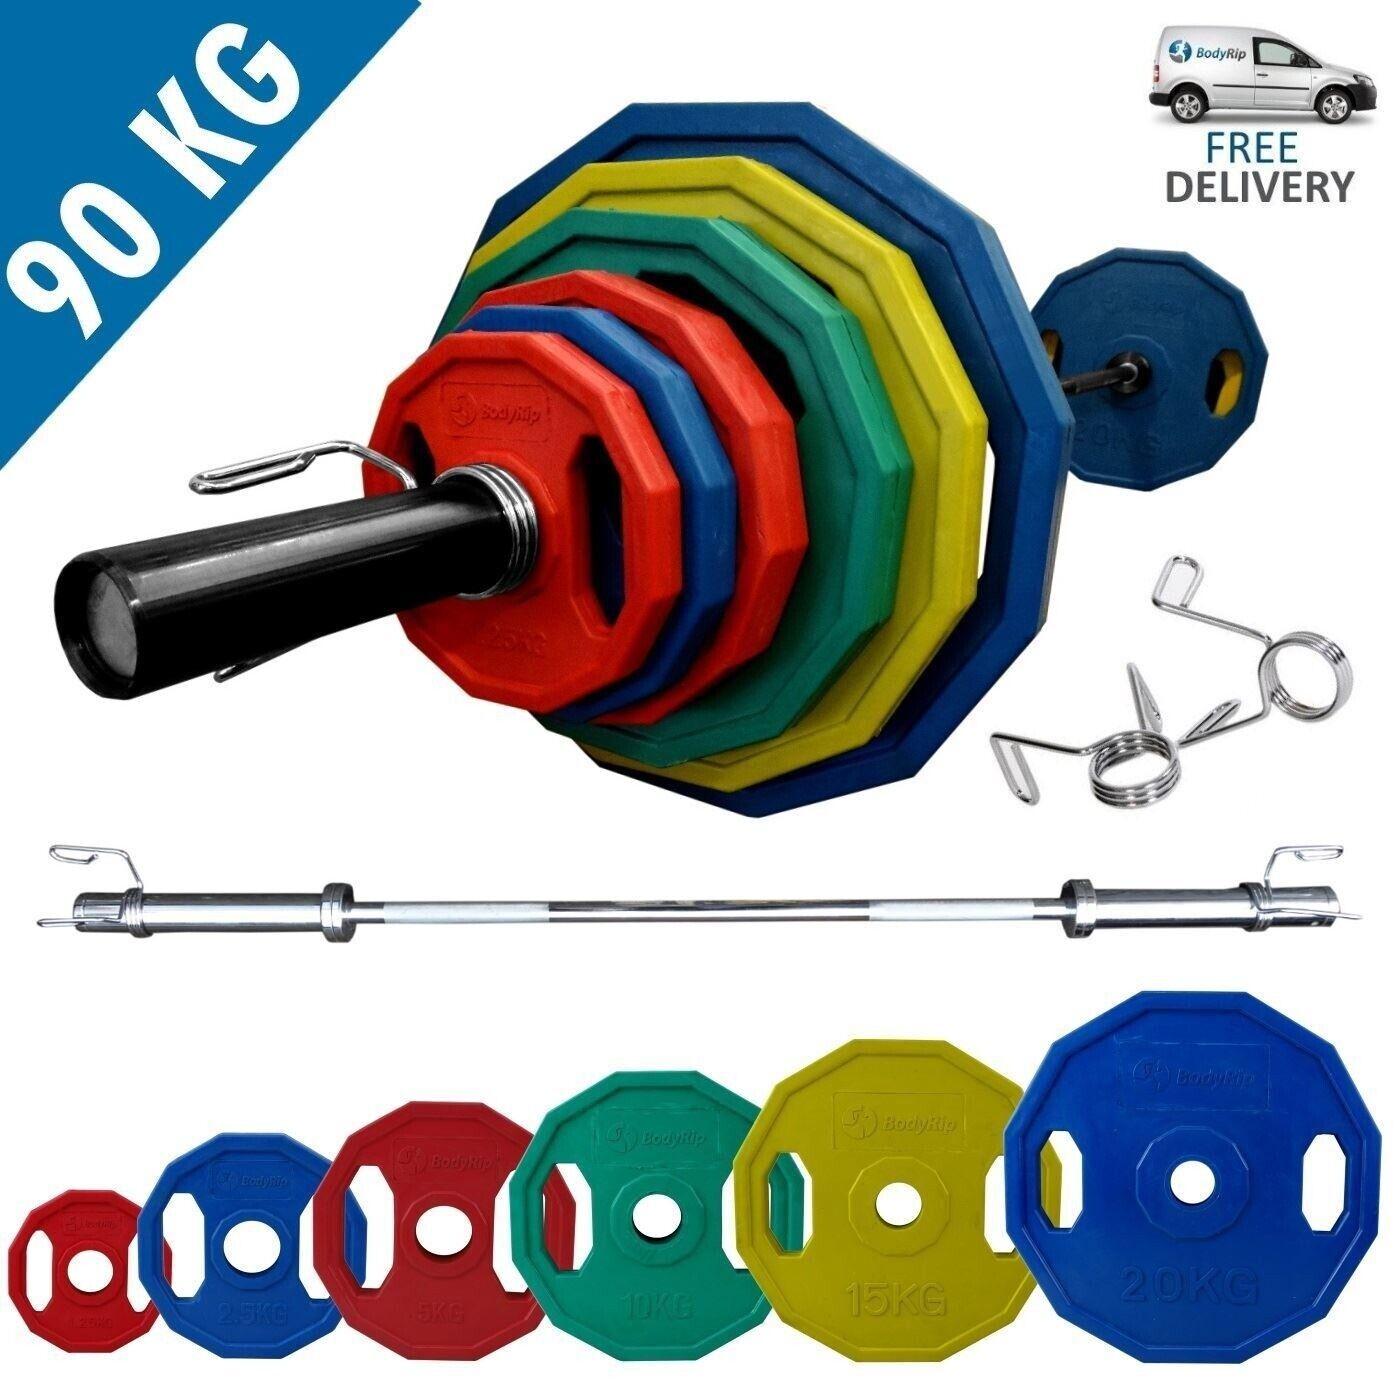 Bodyrip Poligonali Coloreeato Olimpico Peso Set di 90kg With 7ft Bilanciere